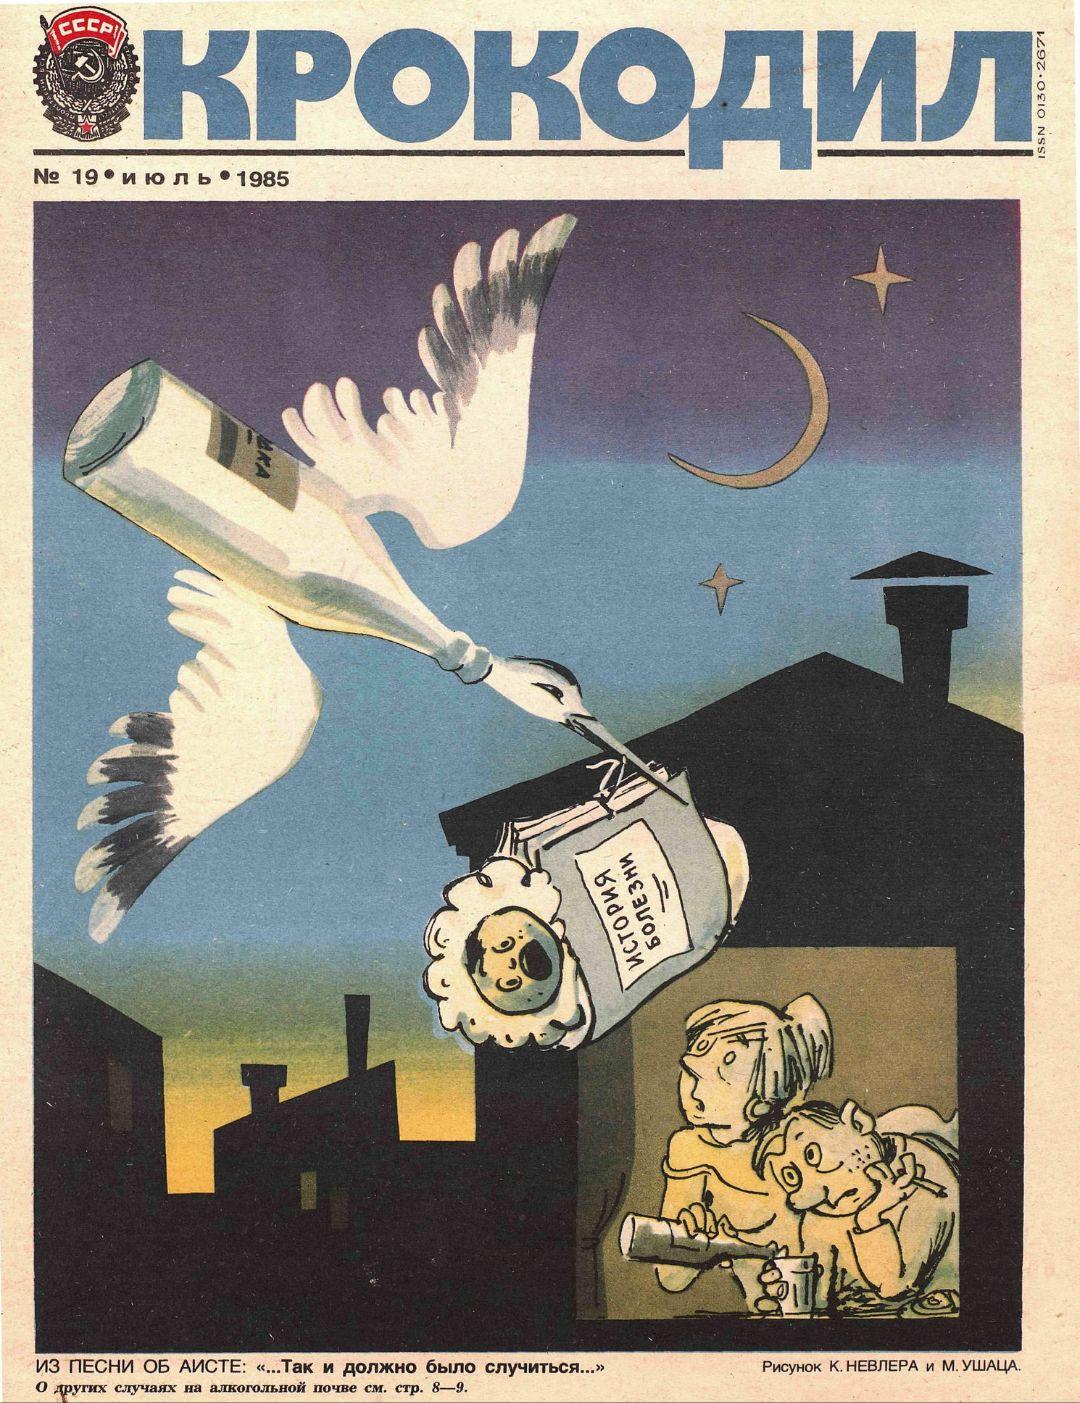 Обложка журнала «Крокодил». Июль 1985 г. Из частной коллекции.